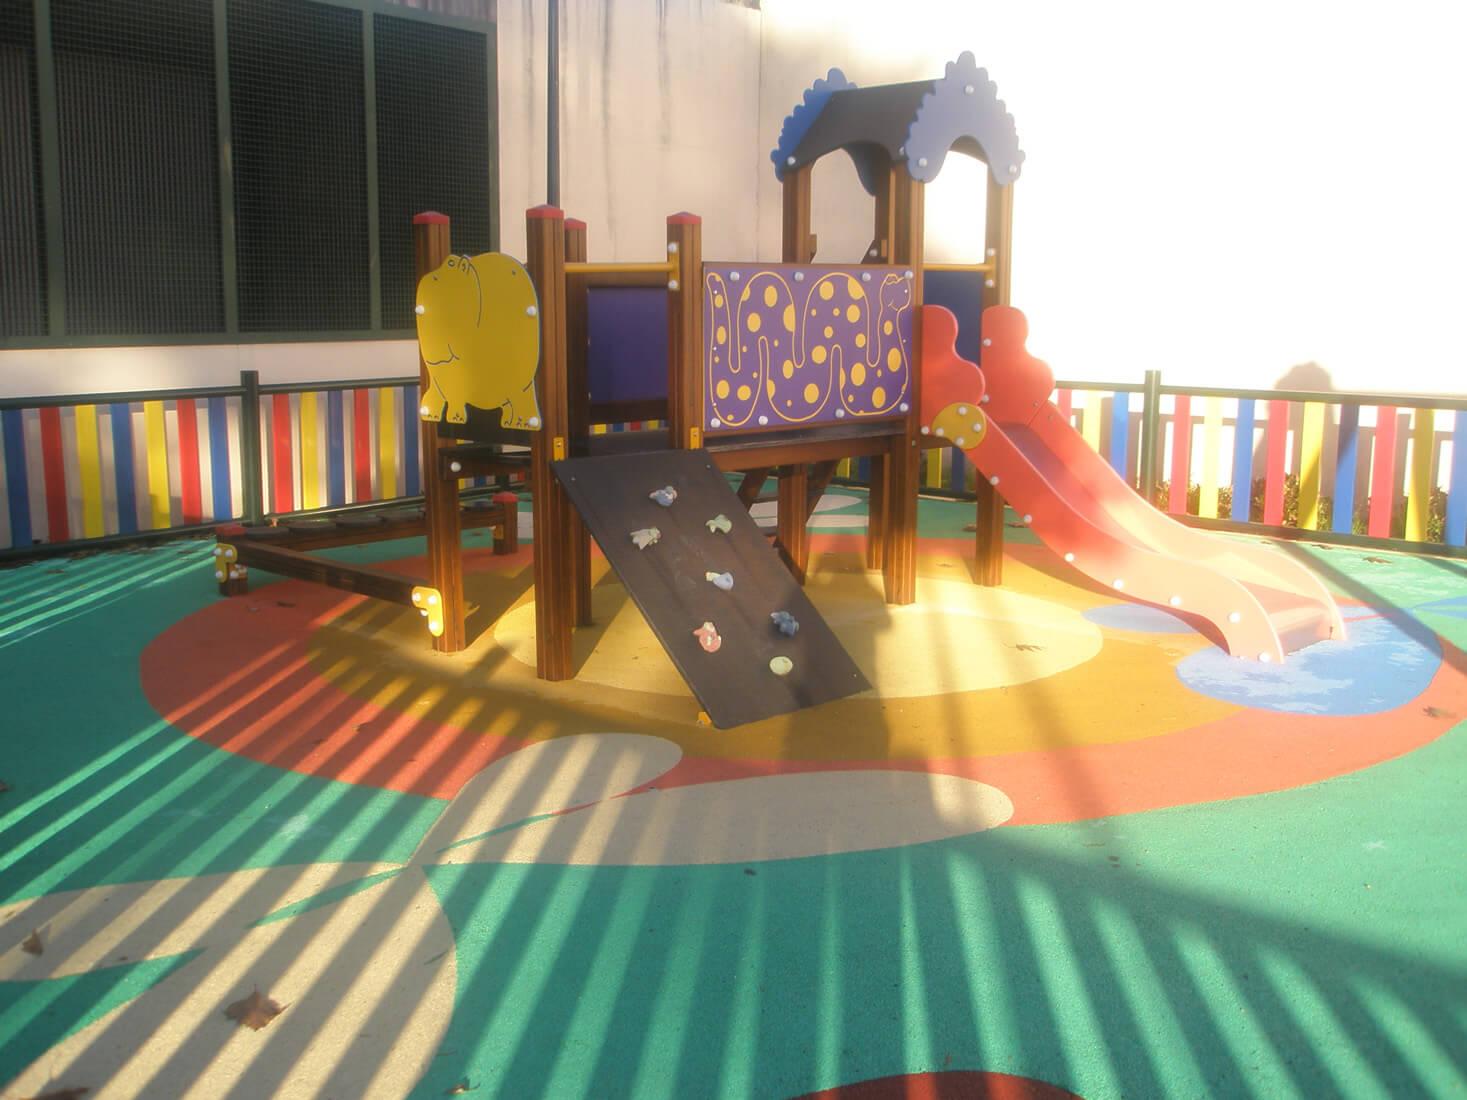 Parque-infantil-vidan-05